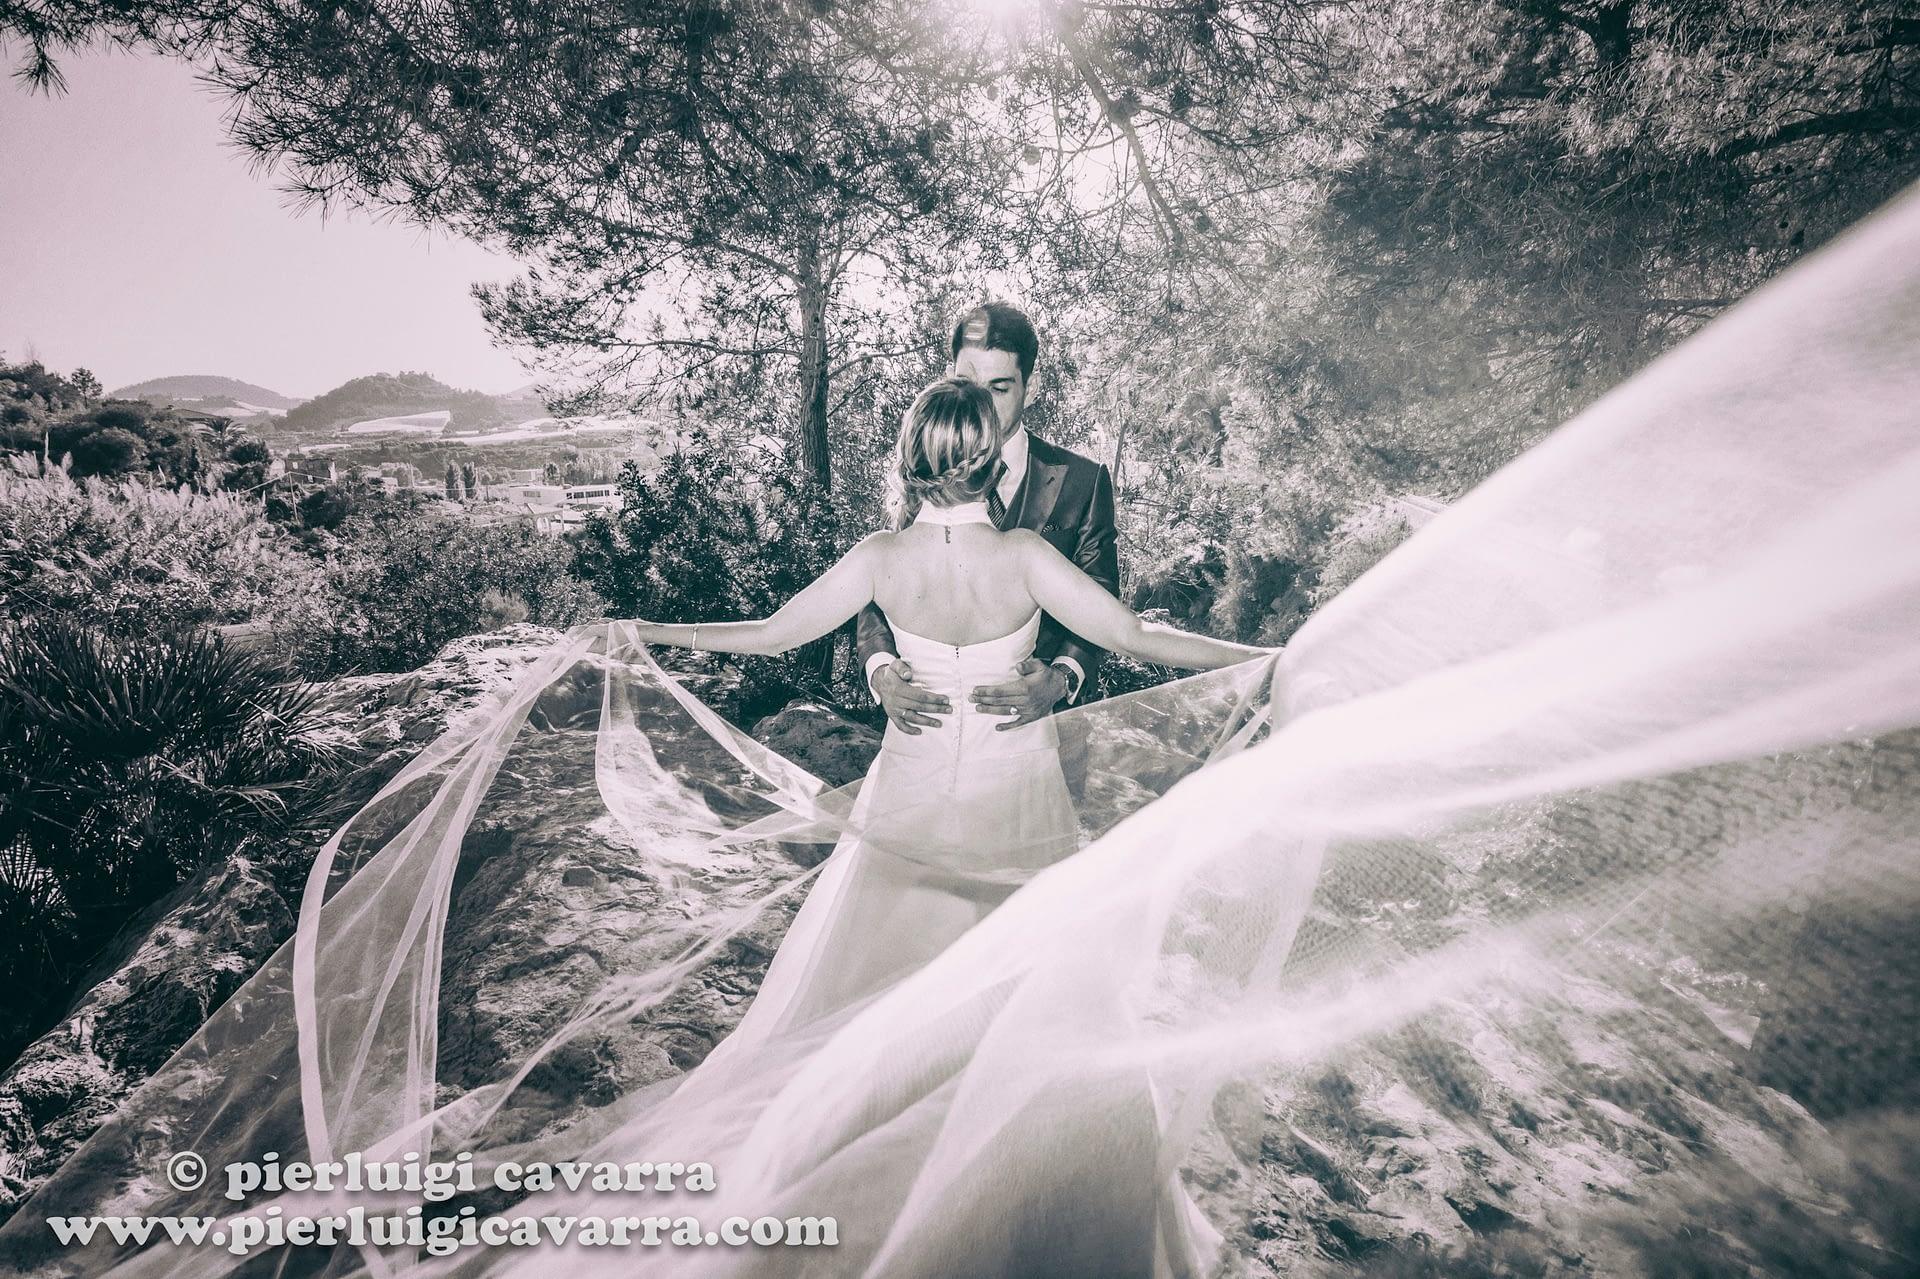 Pierluigi Cavarra - fotografo de bodas y eventos - wedding photographer costa blanca - ejemplo -41